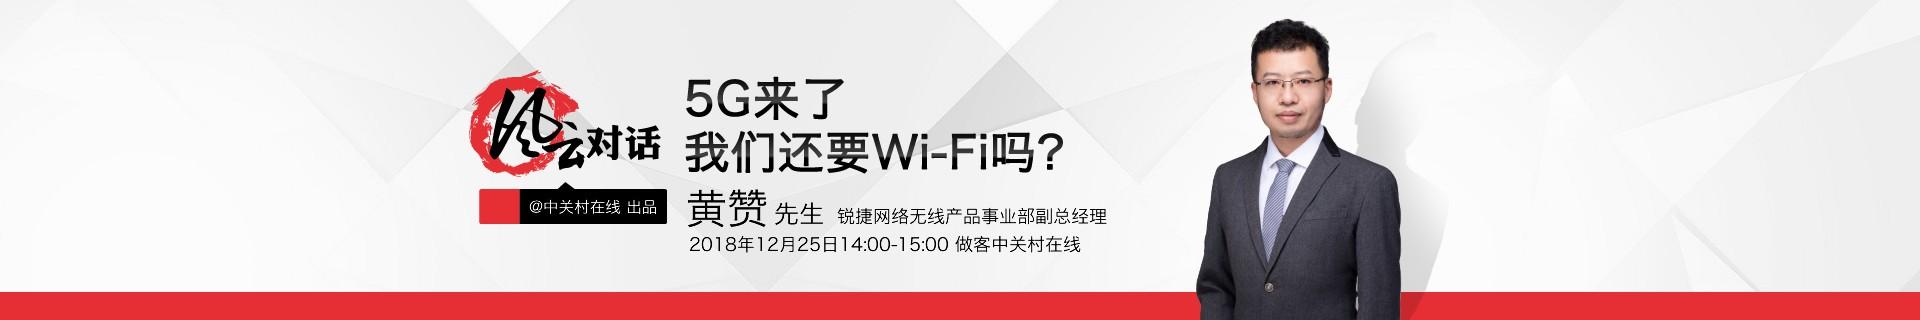 风云对话锐捷£º5G来了£¬我们还要Wi-Fi吗£¿